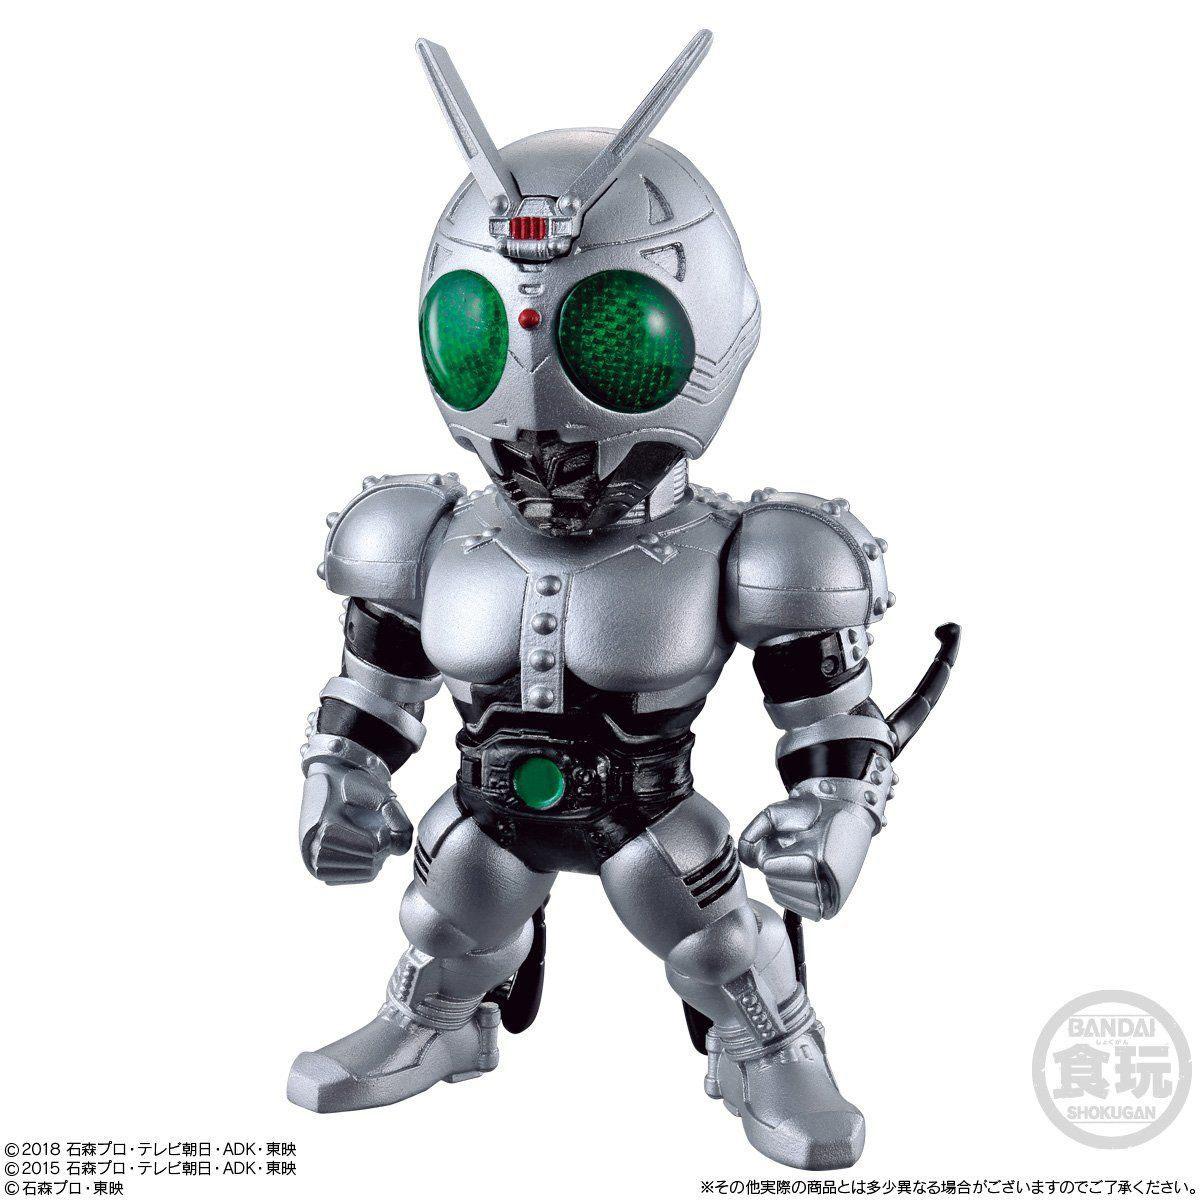 【食玩】コンバージ仮面ライダー『CONVERGE KAMEN RIDER 13』10個入りBOX-007